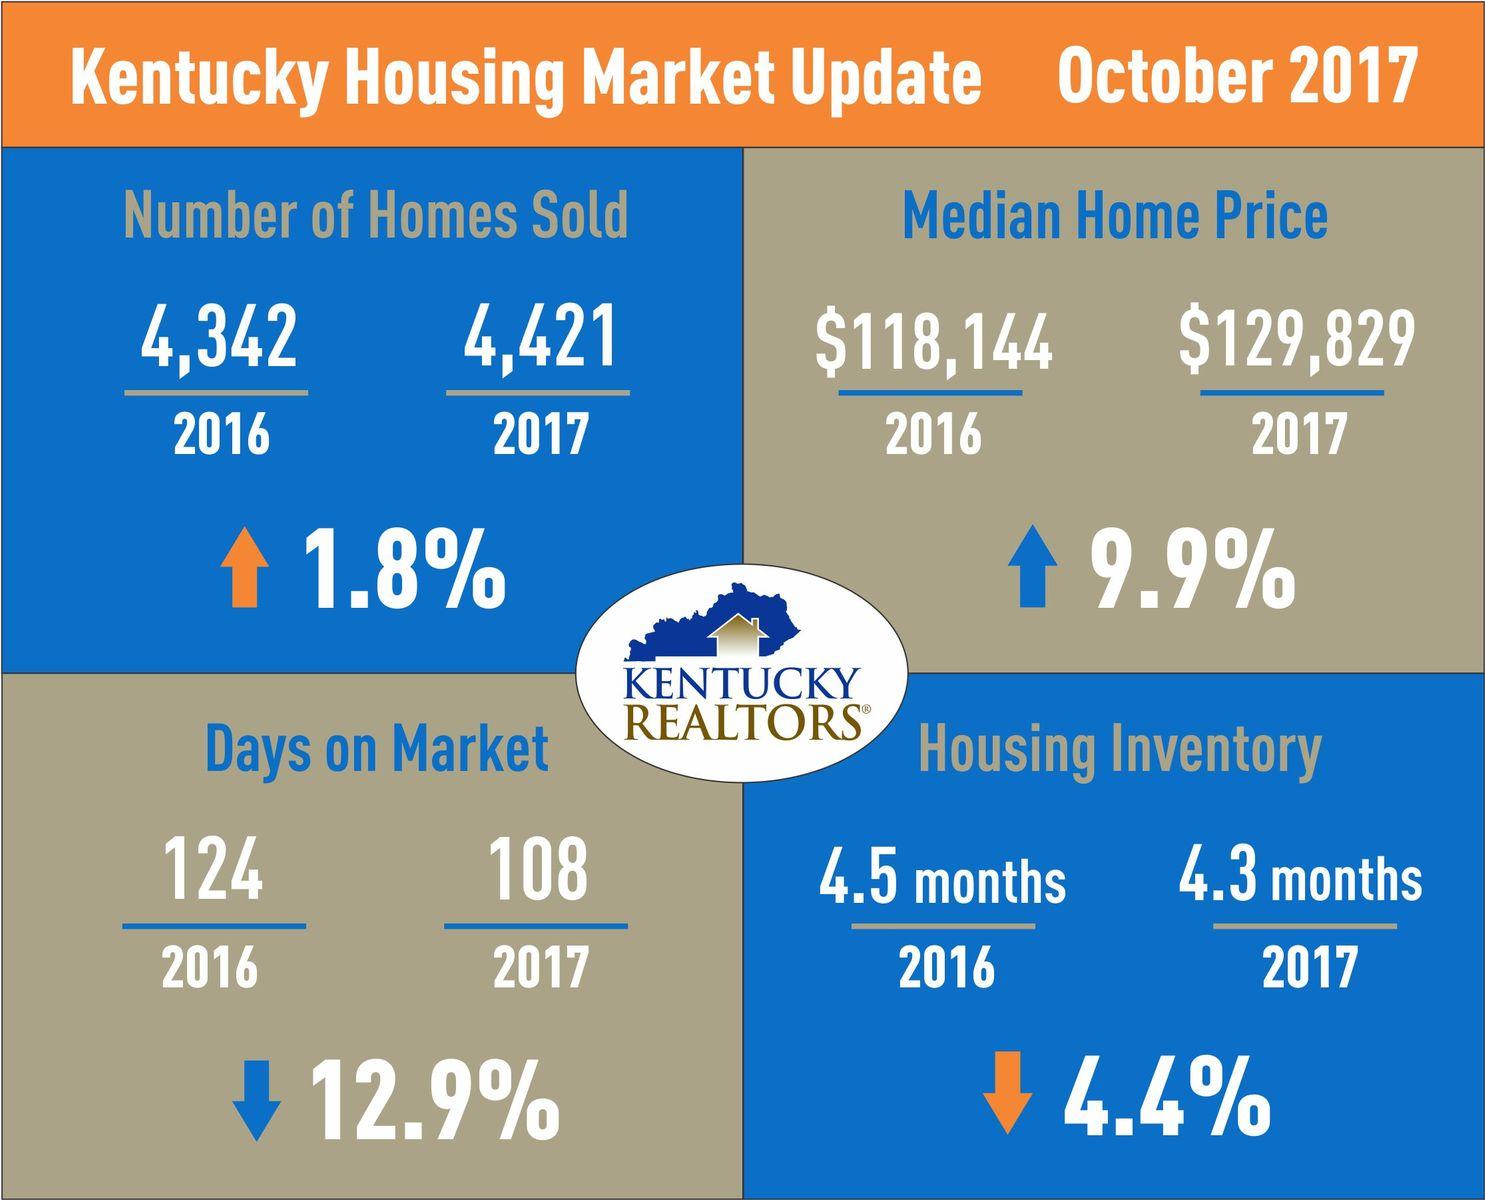 Kentucky Housing Market Update Oct 2017